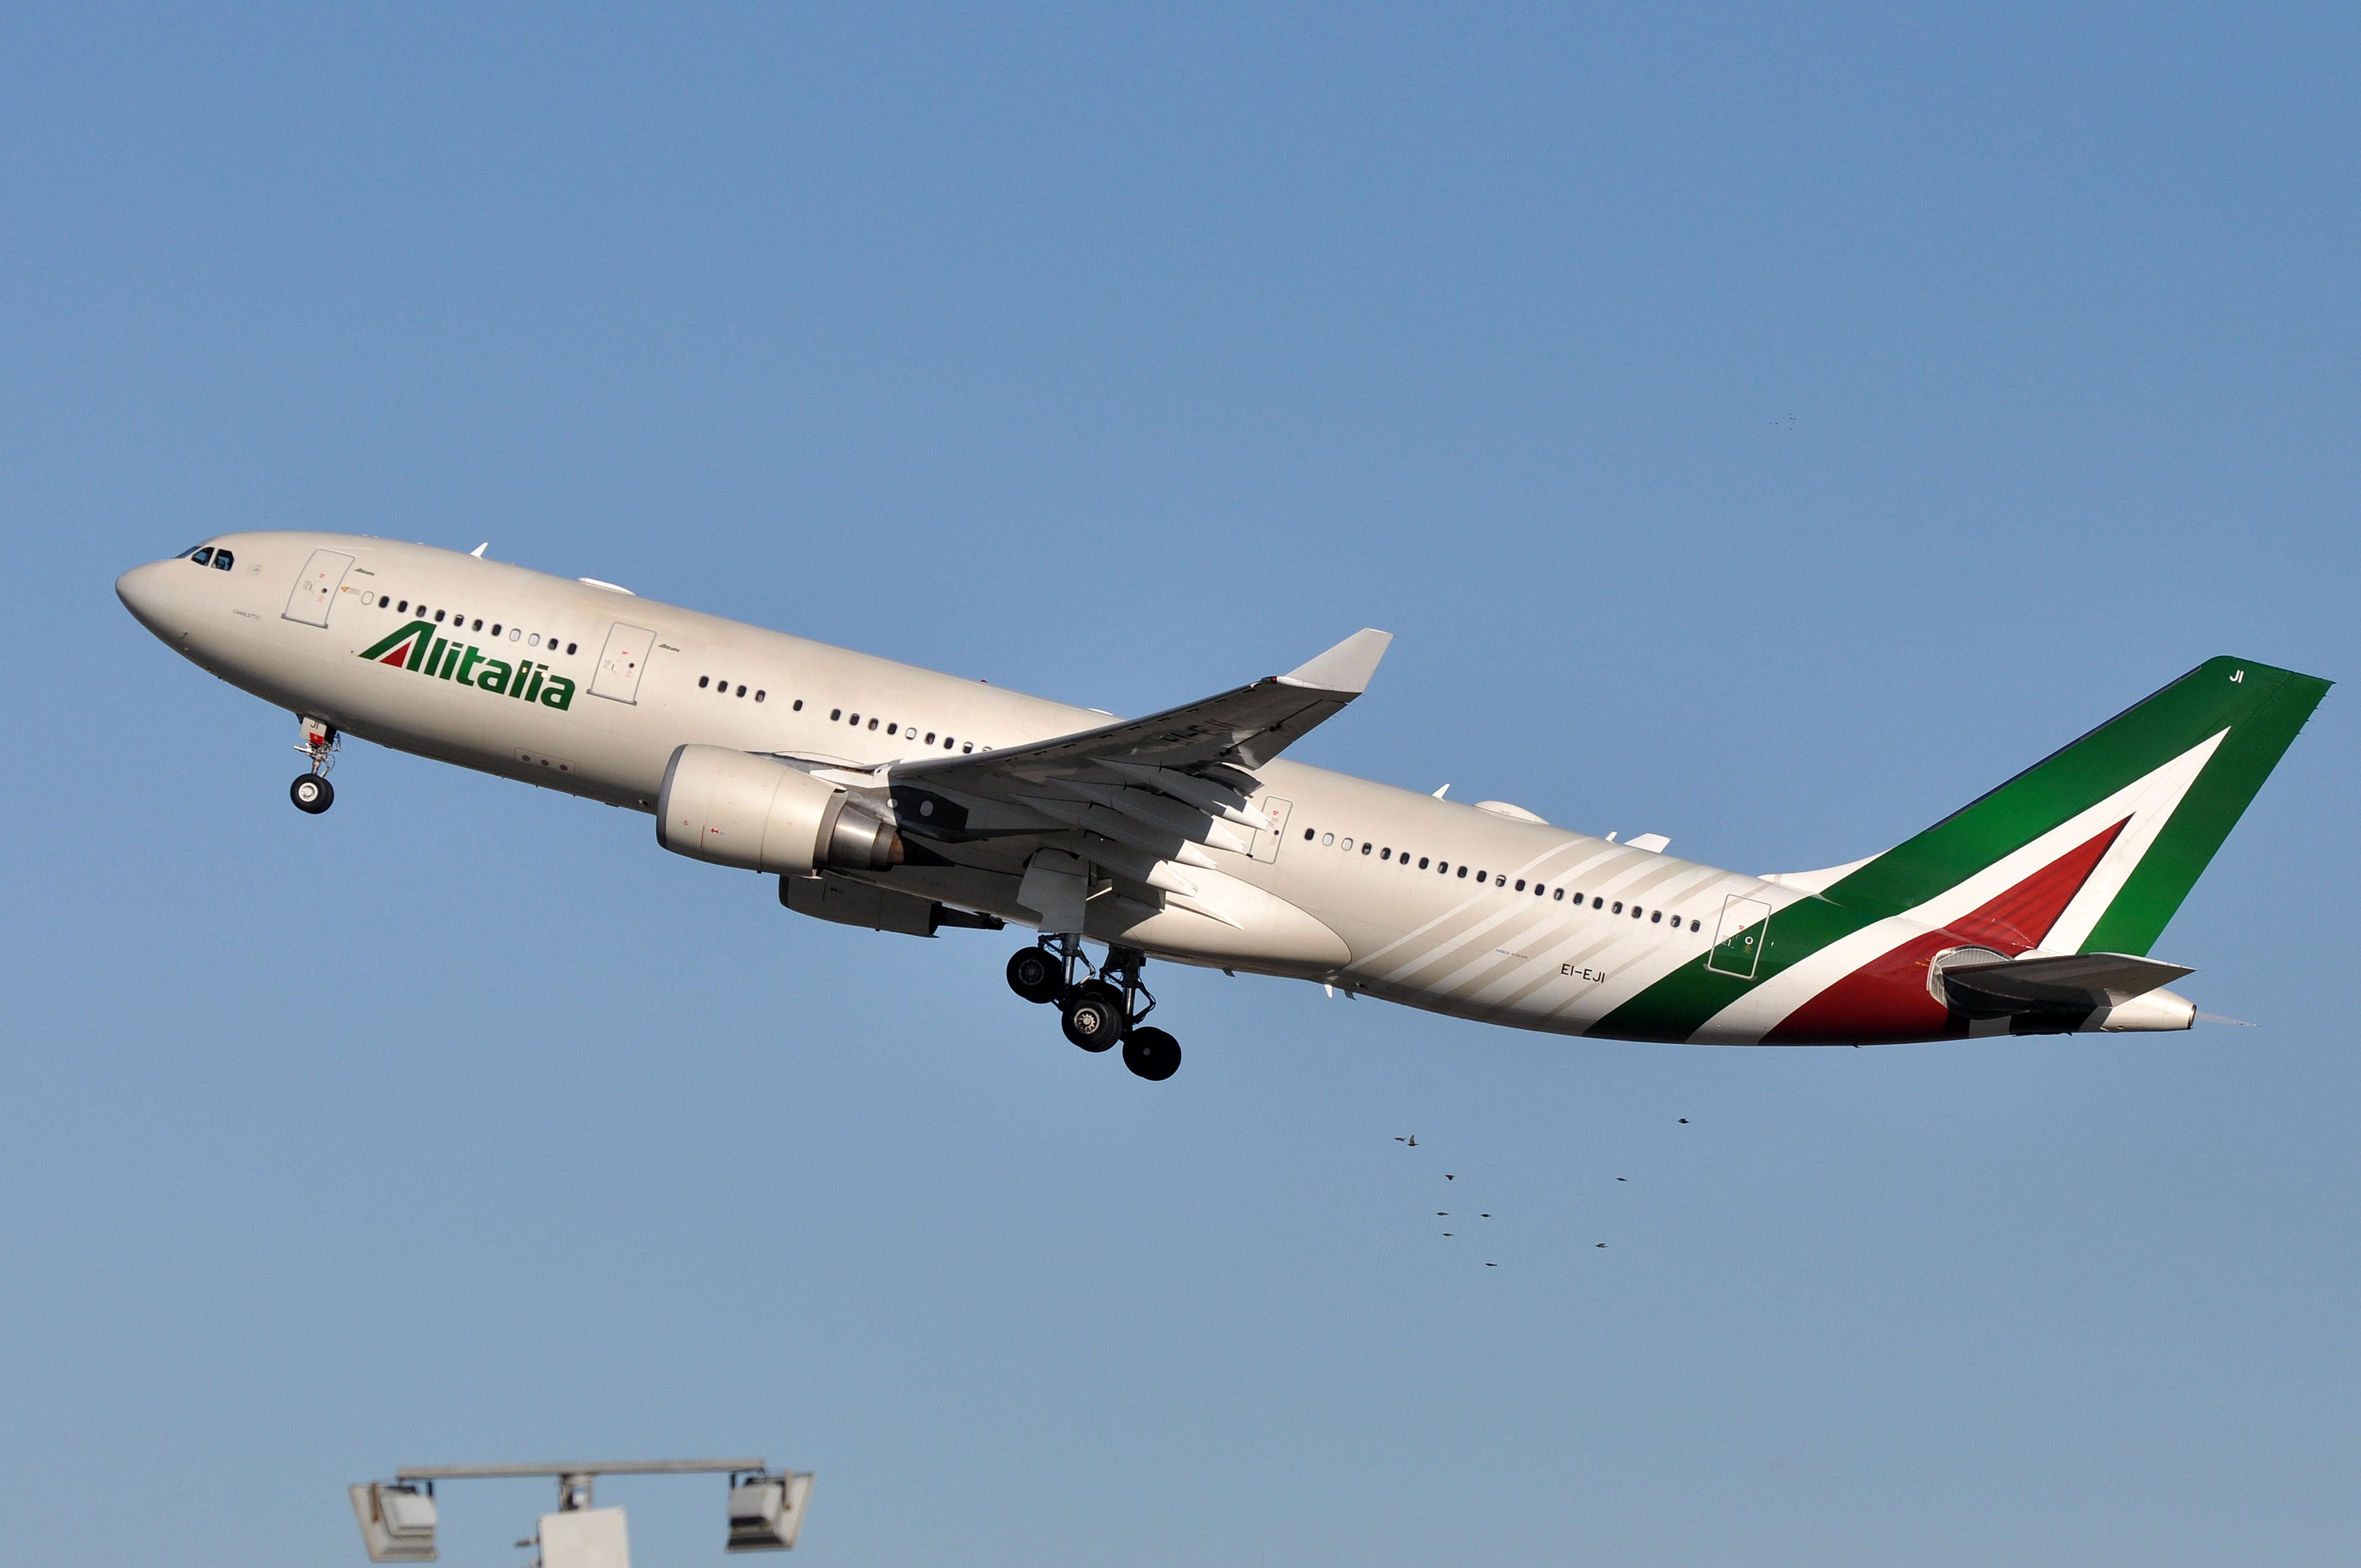 En Airbus A330-200 fra Alitalia. Foto: Eric Salard